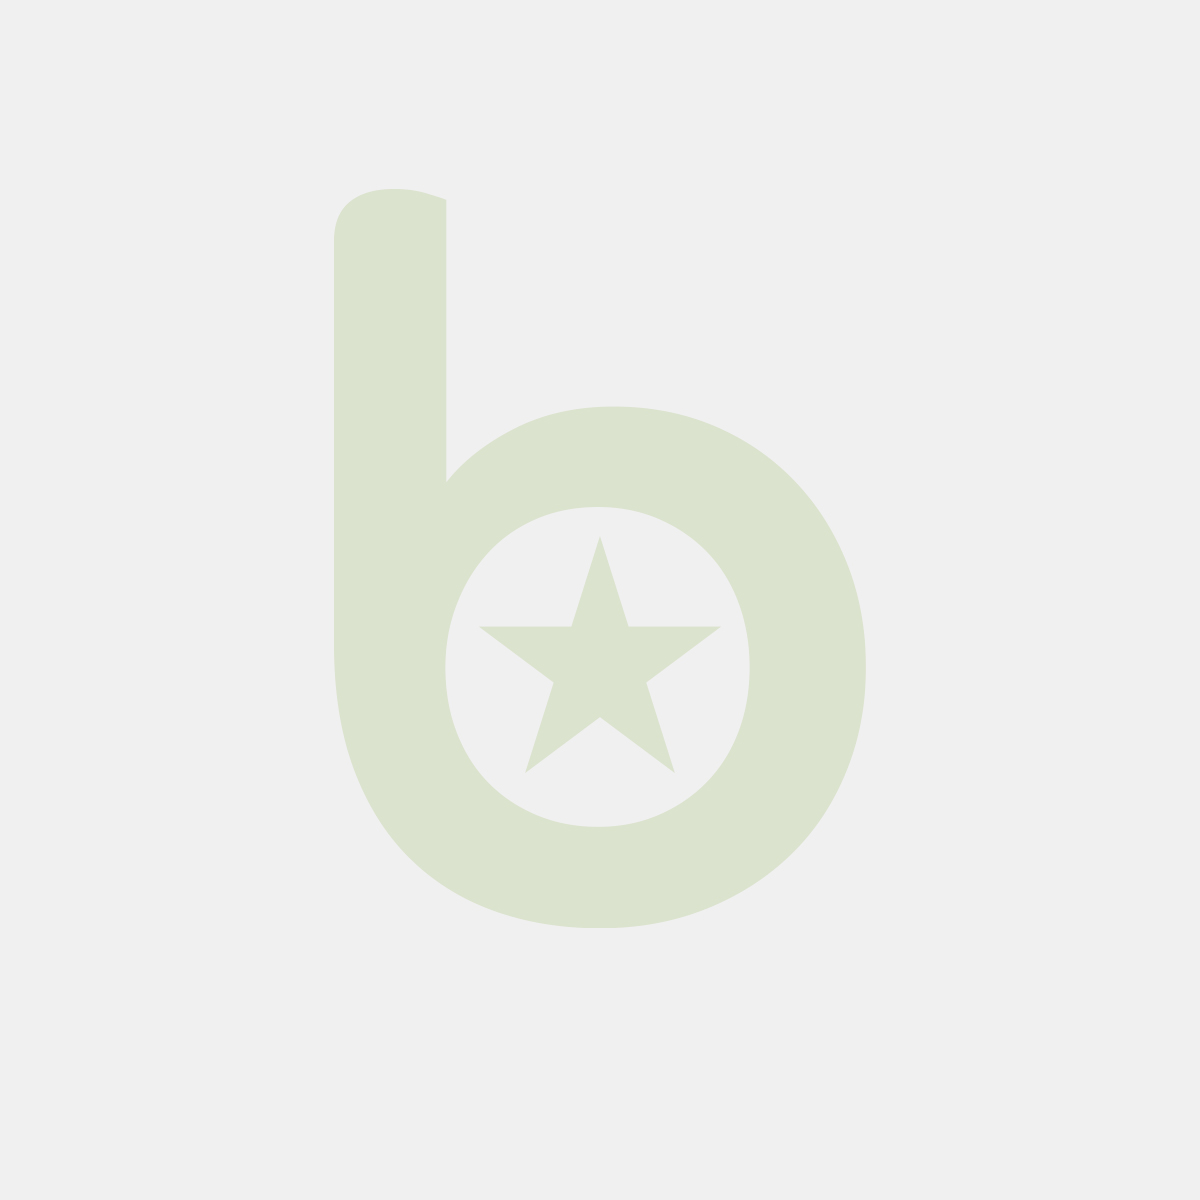 Taca prostokątna GN 1/1 53x32x2,5cm biała z melaminy